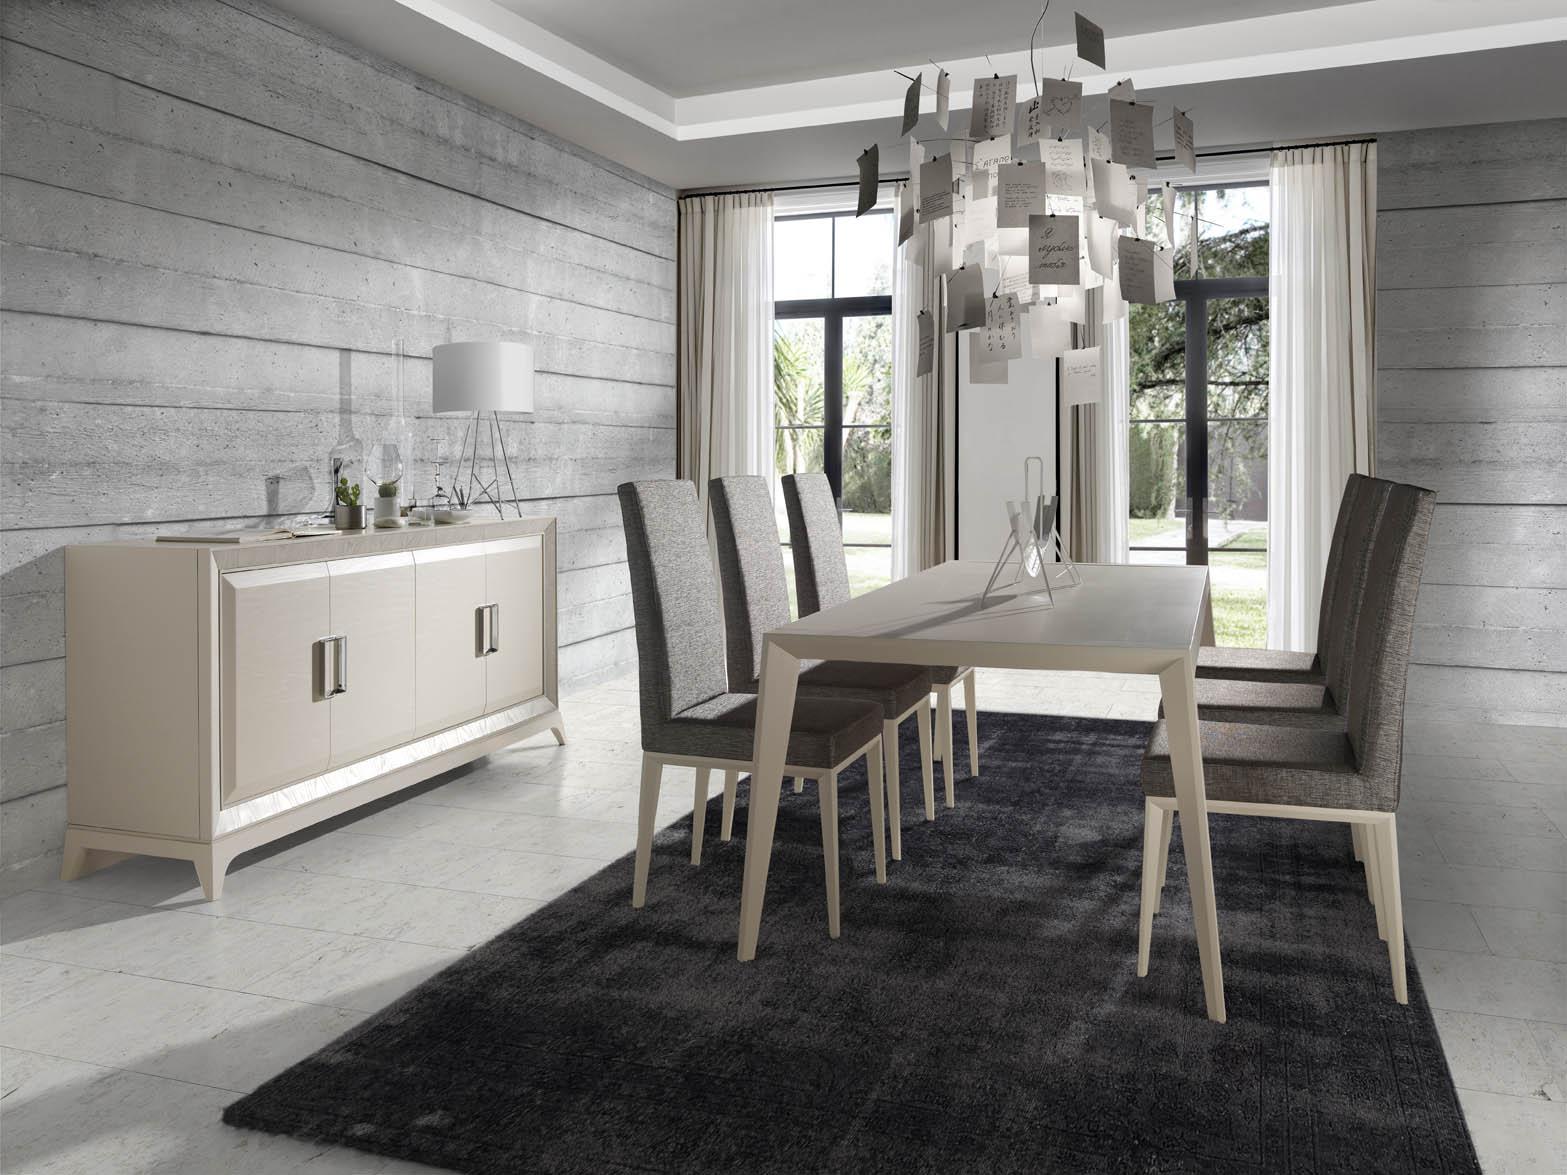 Muebles paco caballero muebles de comedor - Aparadores modernos para comedor ...